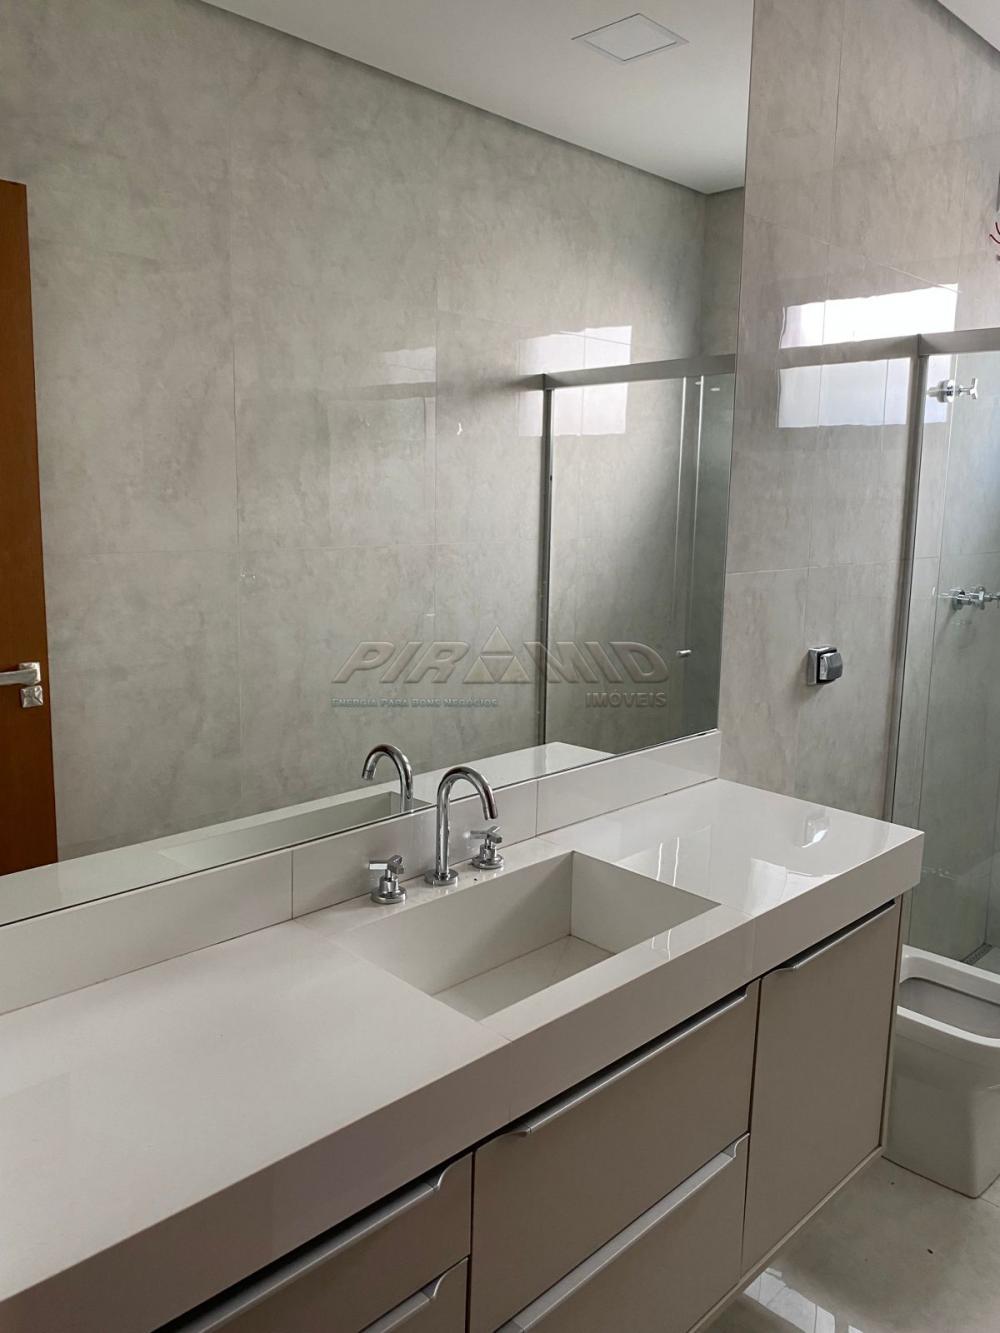 Comprar Casa / Condomínio em Ribeirão Preto R$ 1.350.000,00 - Foto 22